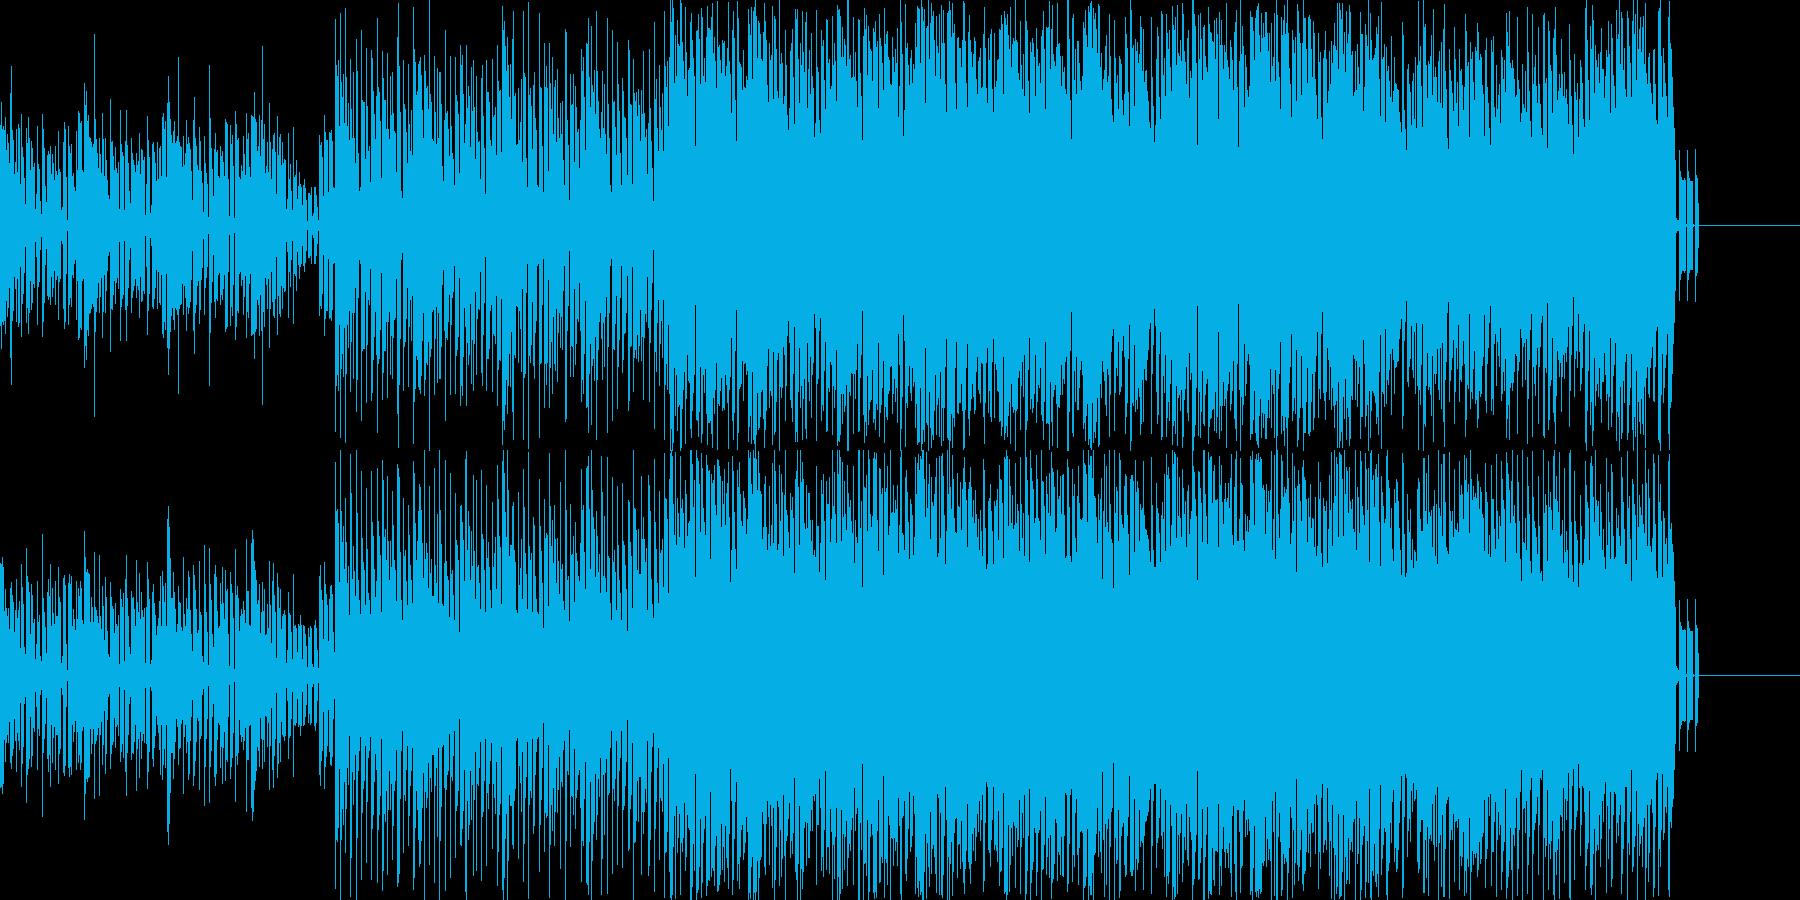 ビート感のあるシンセリードの雅楽ポップスの再生済みの波形